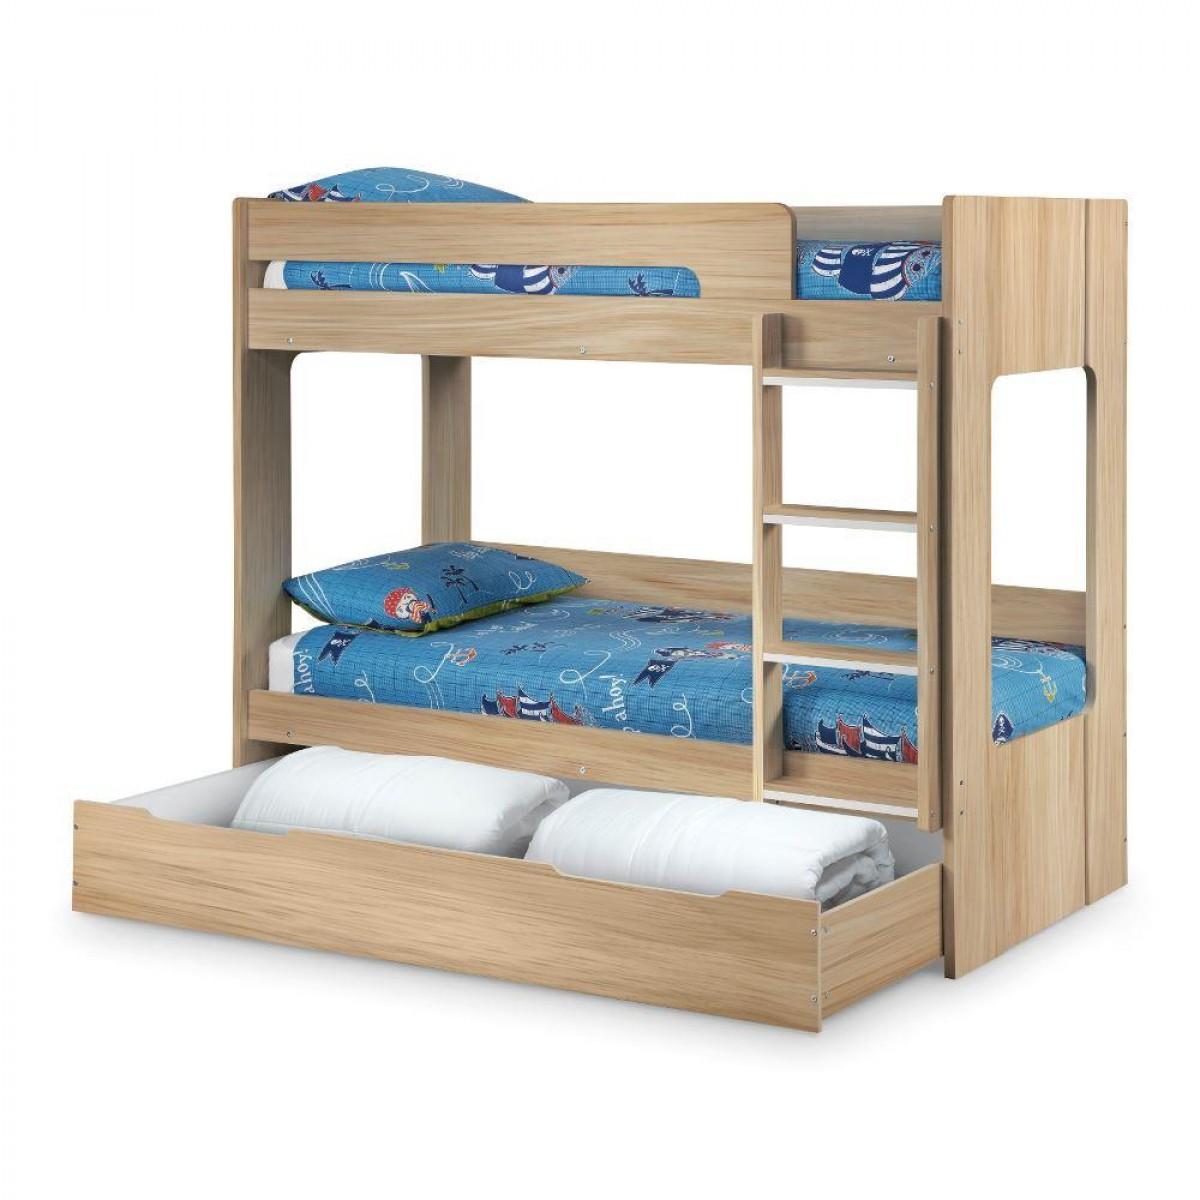 ellie oak wooden bunk bed and trundle guest bed underbed. Black Bedroom Furniture Sets. Home Design Ideas